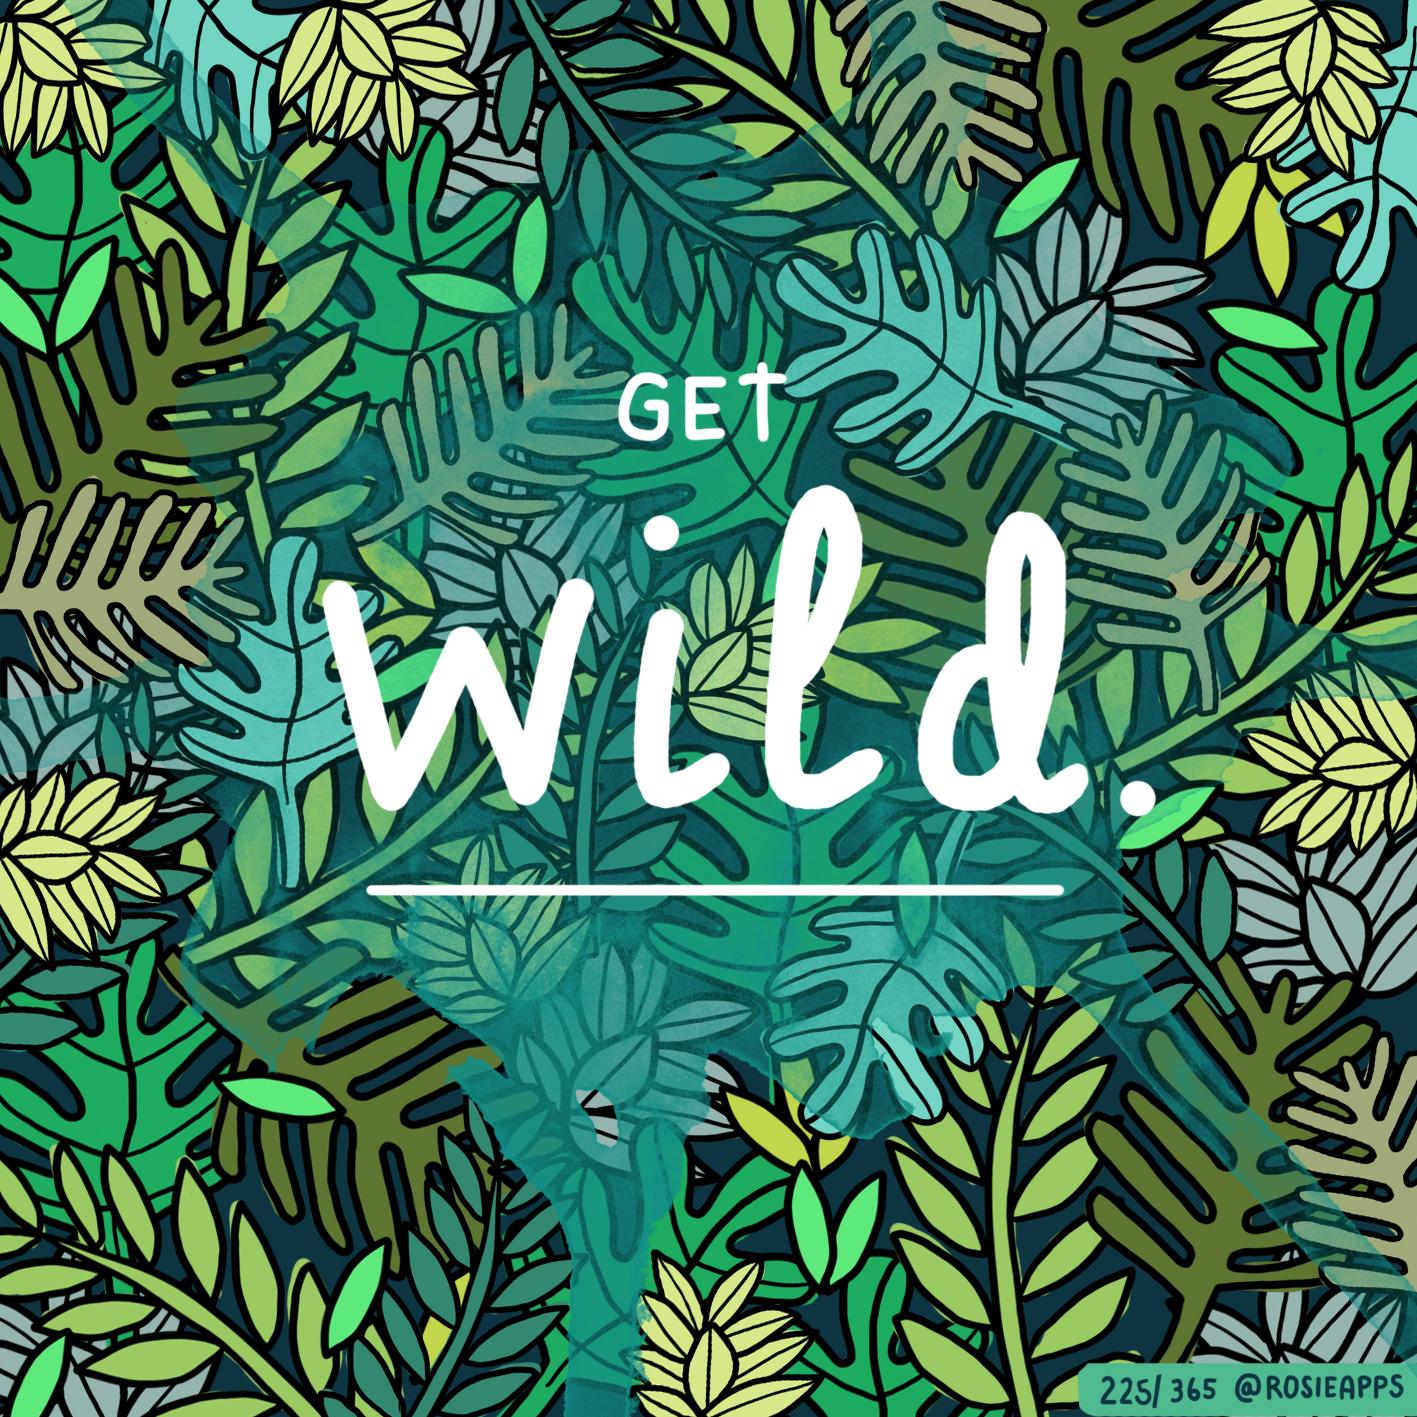 August-225-365 Get Wild.jpg